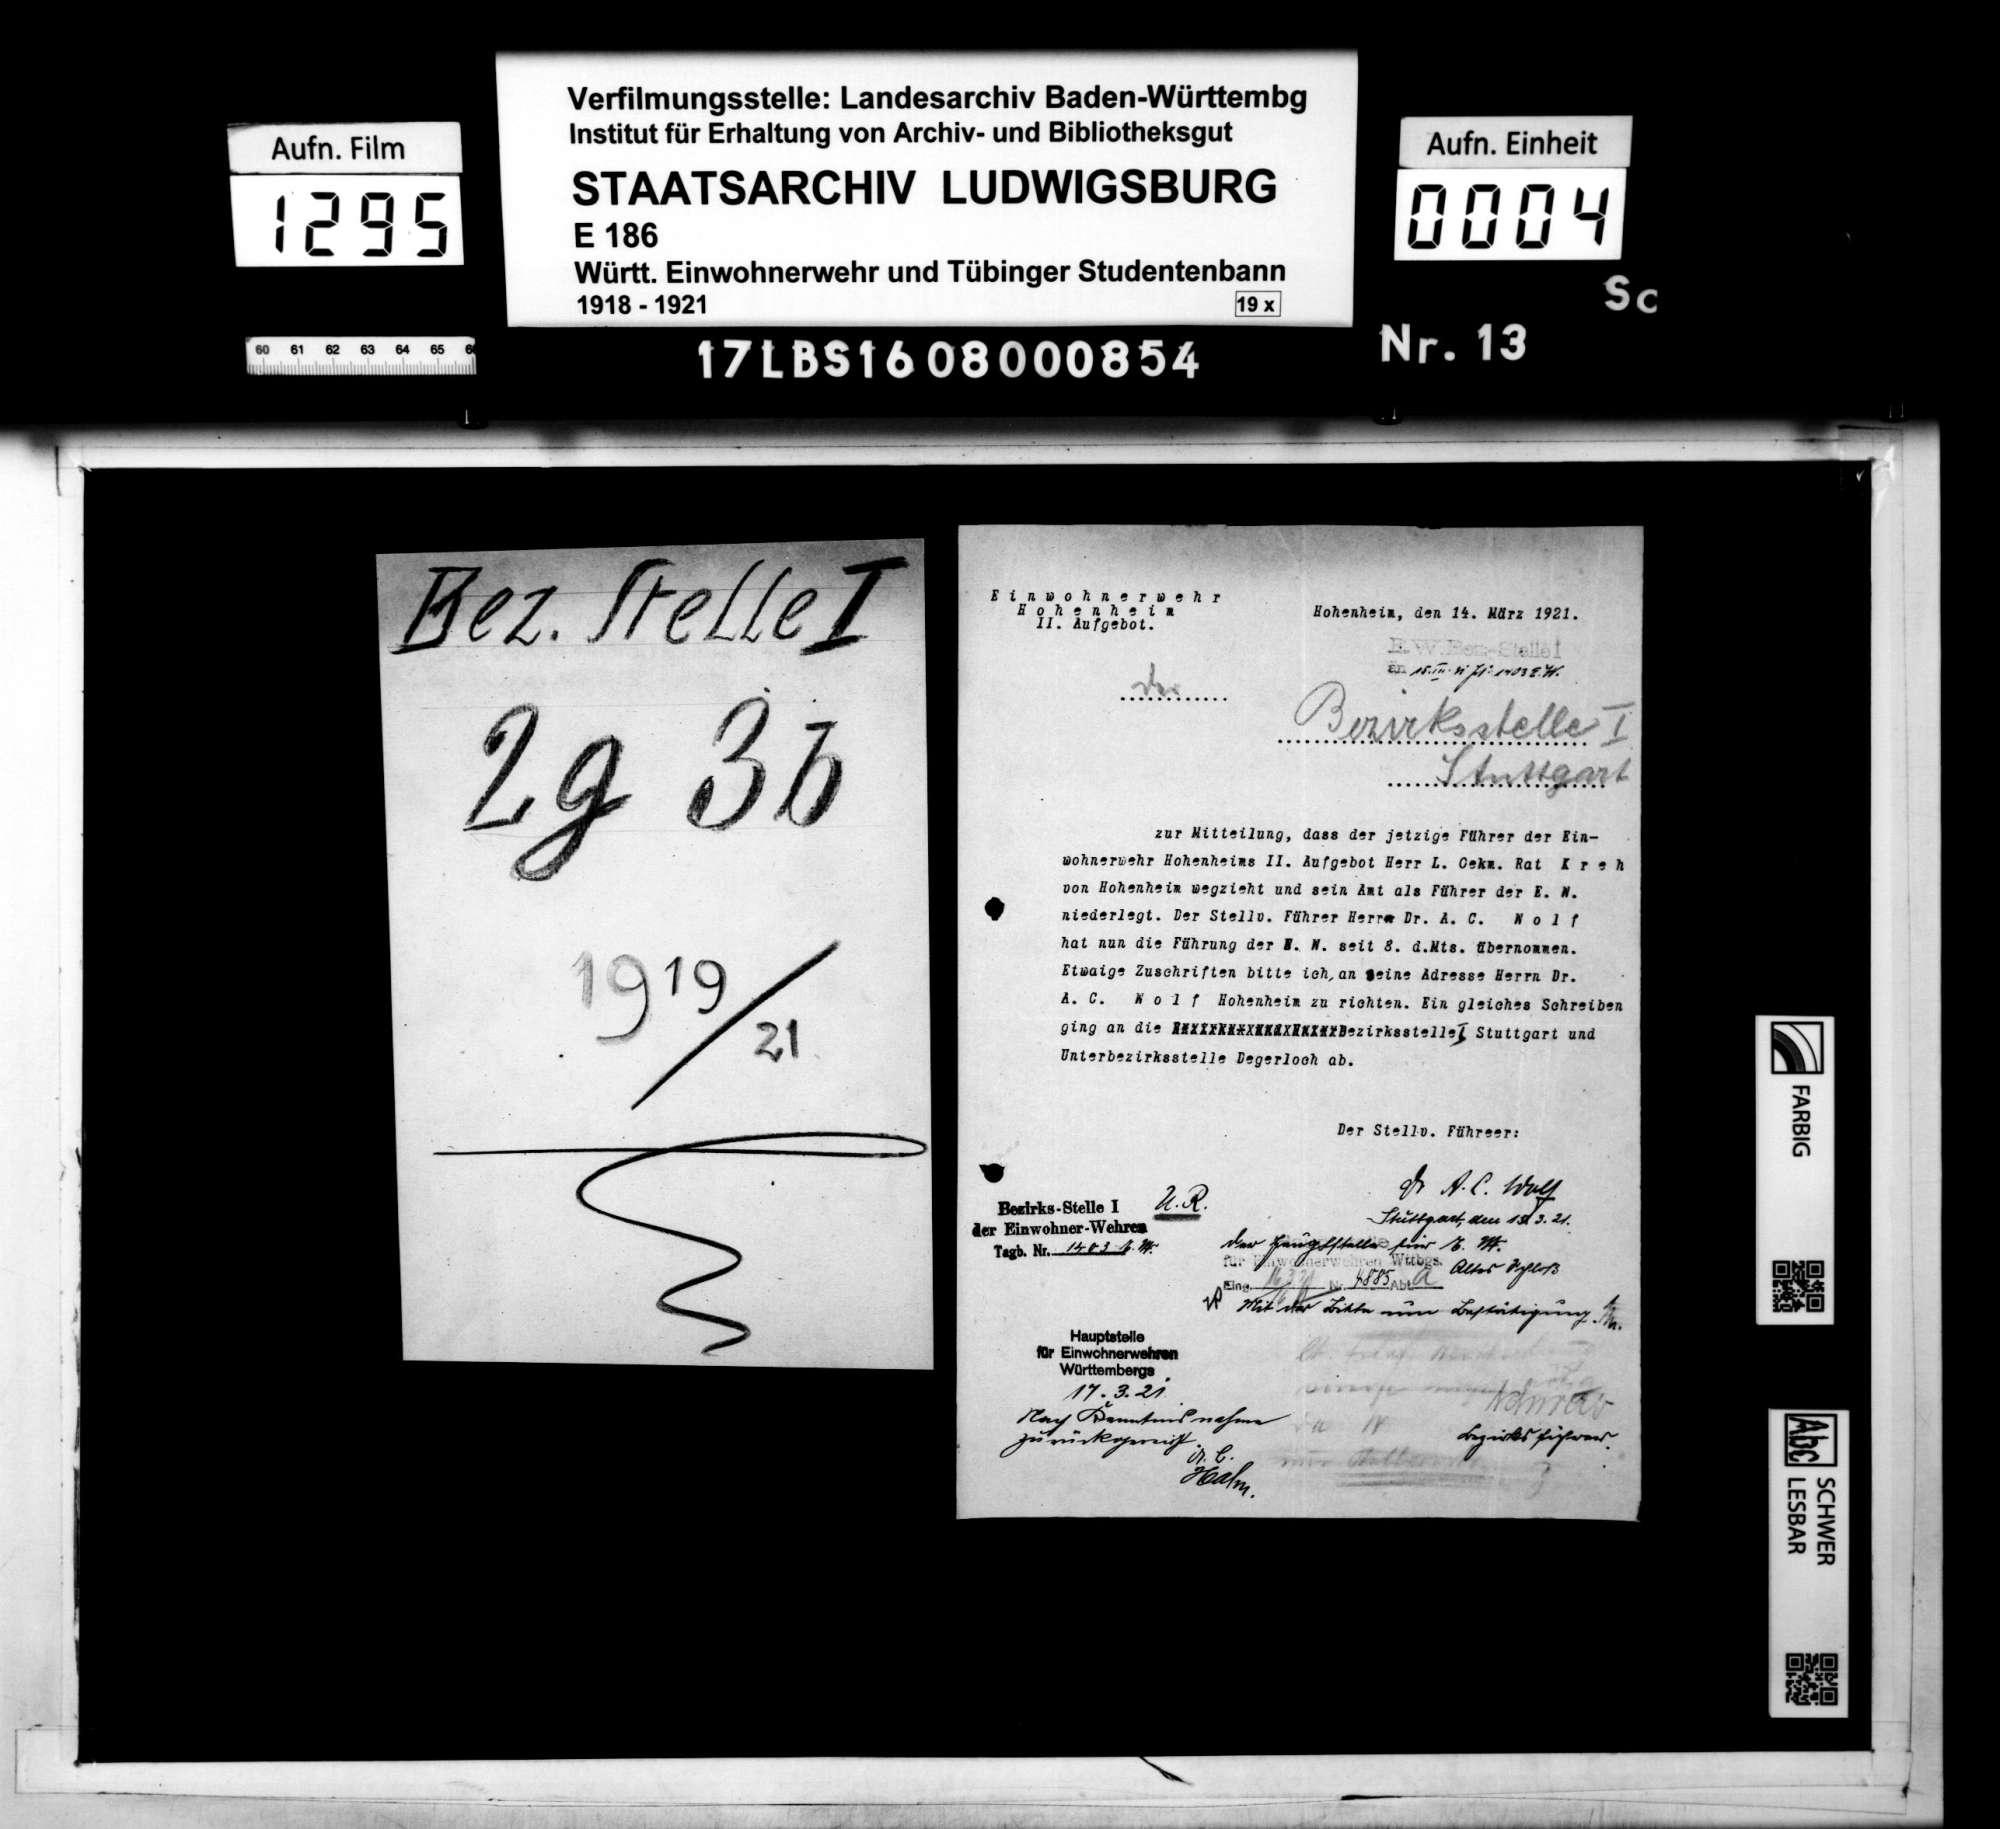 Stellenbesetzungen, Zeugmeister, Bild 1